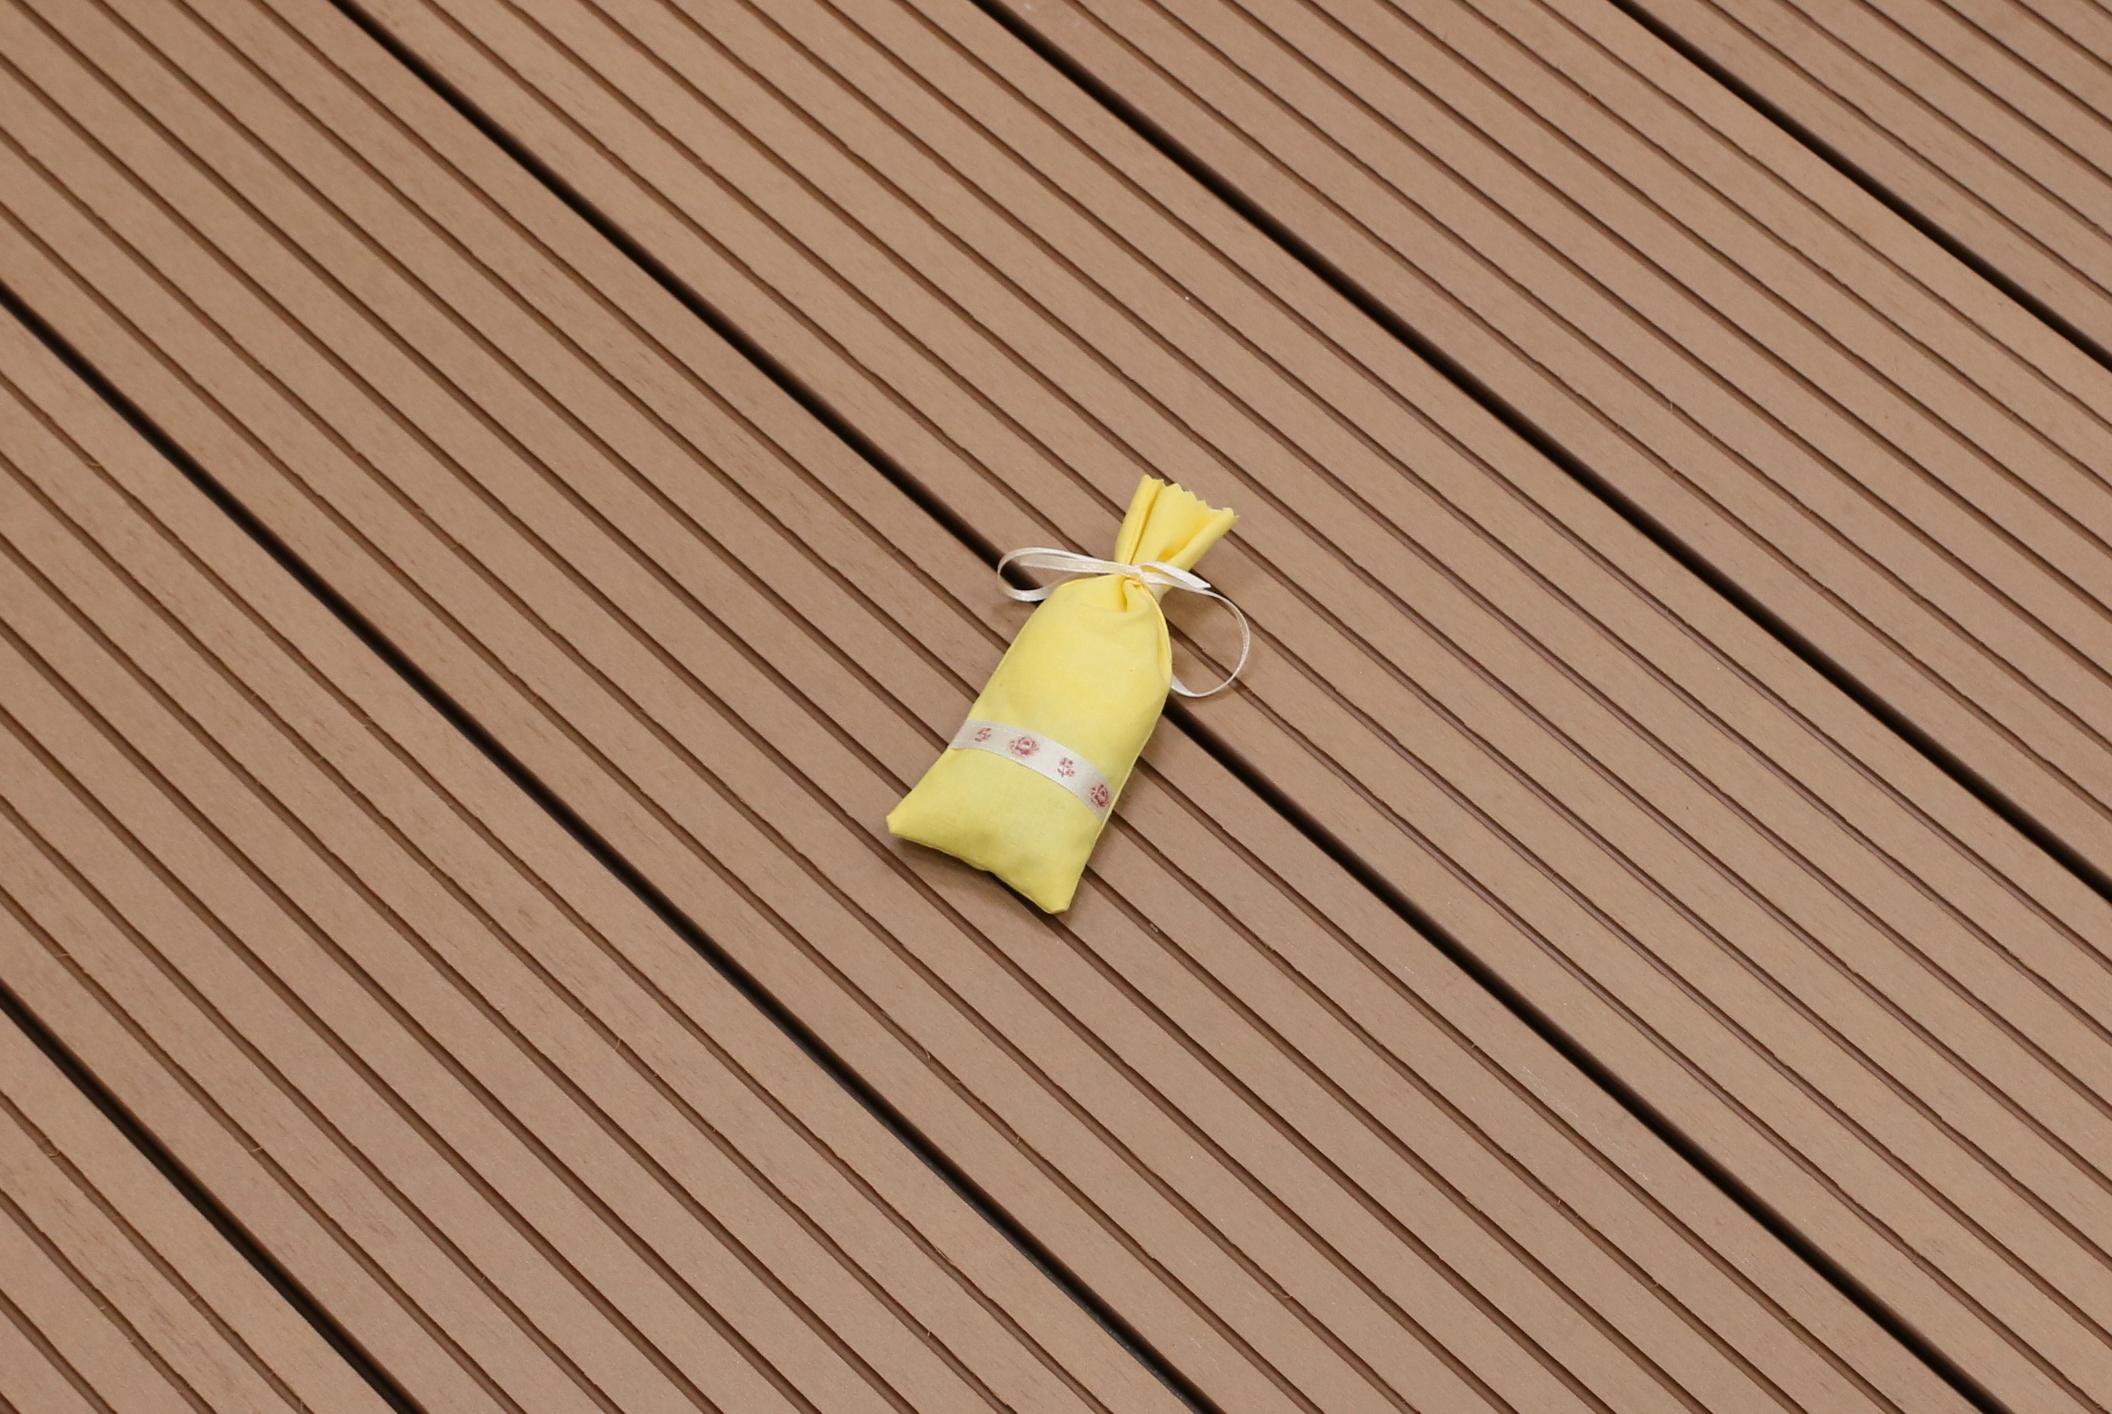 WPC Terrasse massiv, hellbraun, Oberfläche grob genutet, 22 x 143 bis 4800 mm, Vollprofil, 7,90 €/lfm